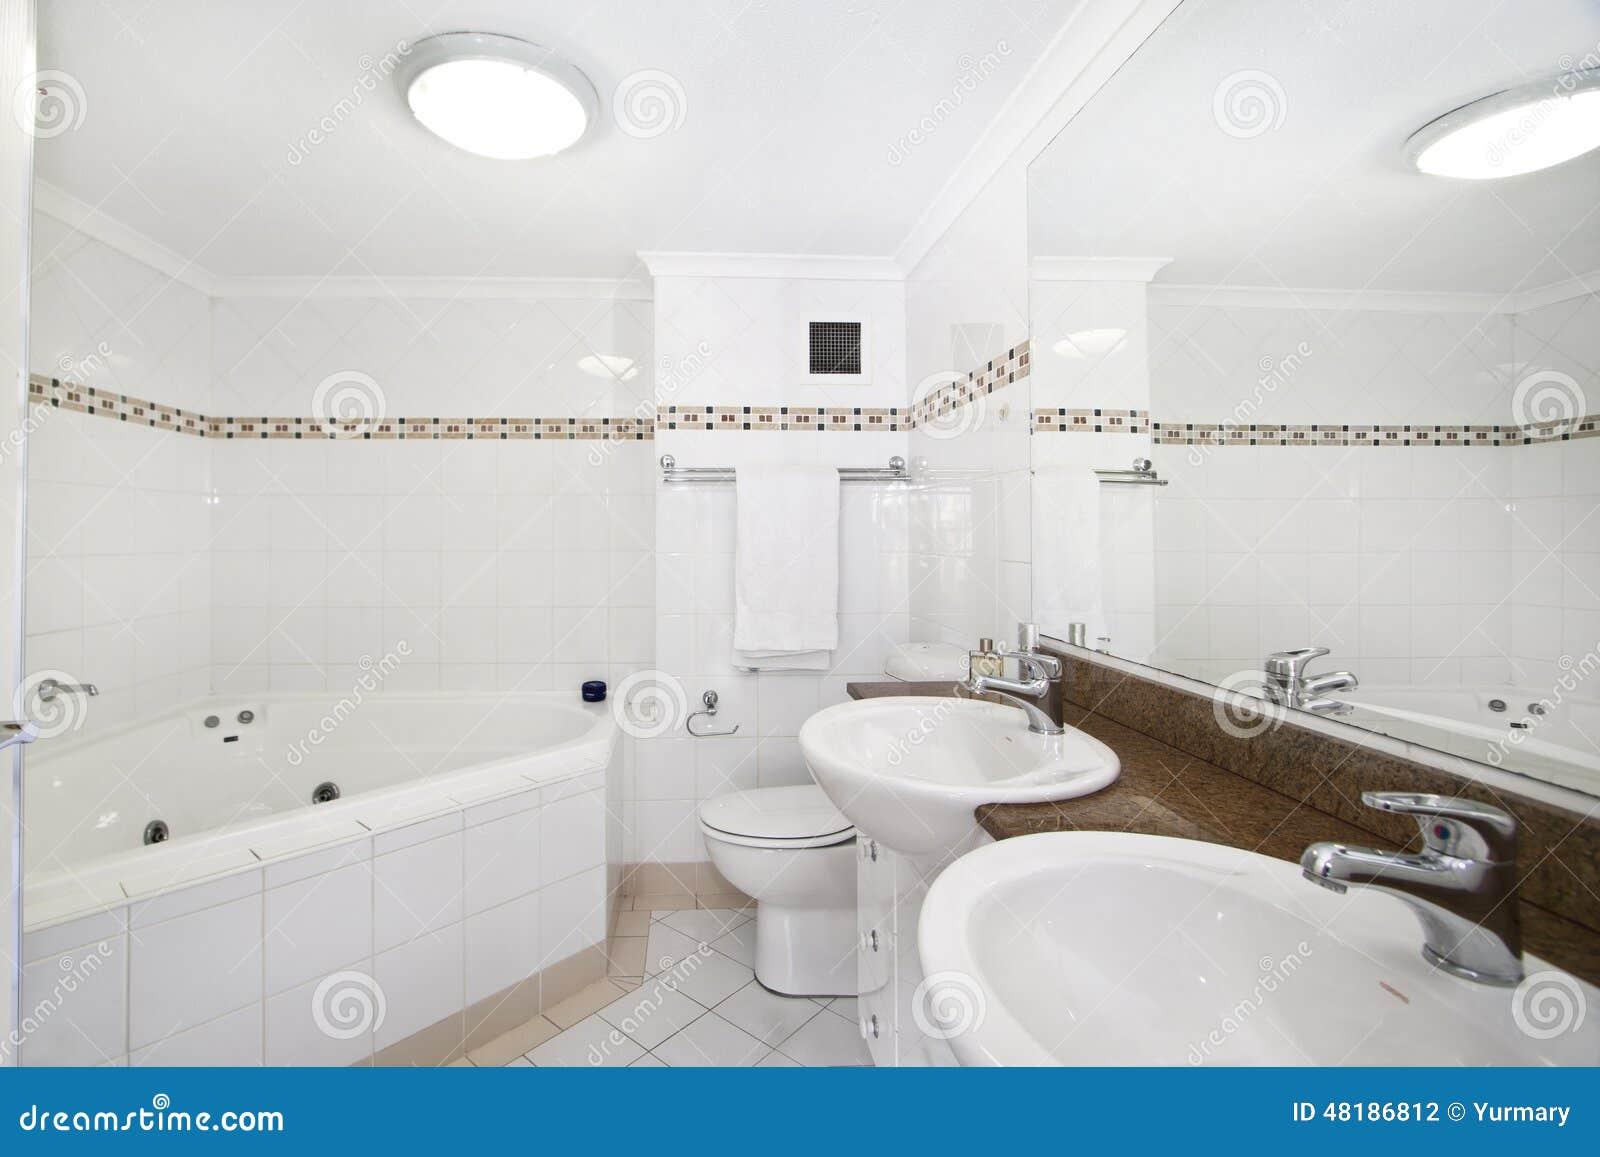 Dise o interior interior del cuarto de ba o foto de - Cuarto de bano com ...